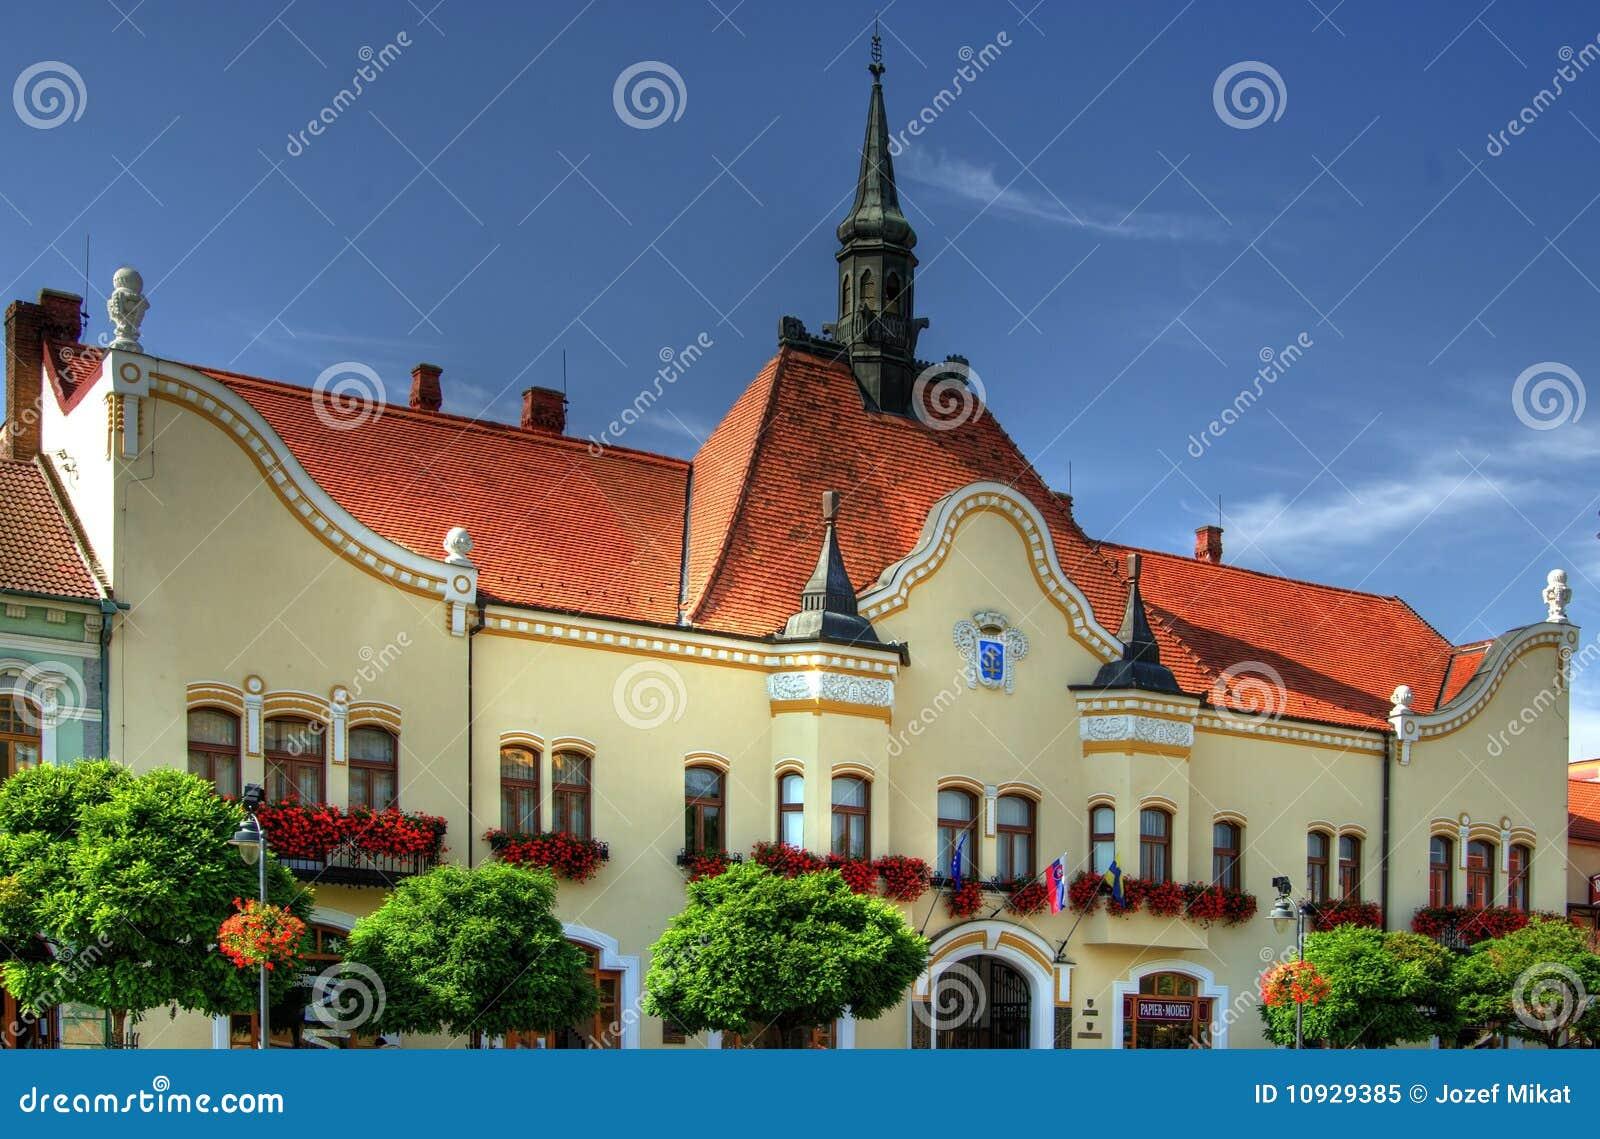 городок залы исторический